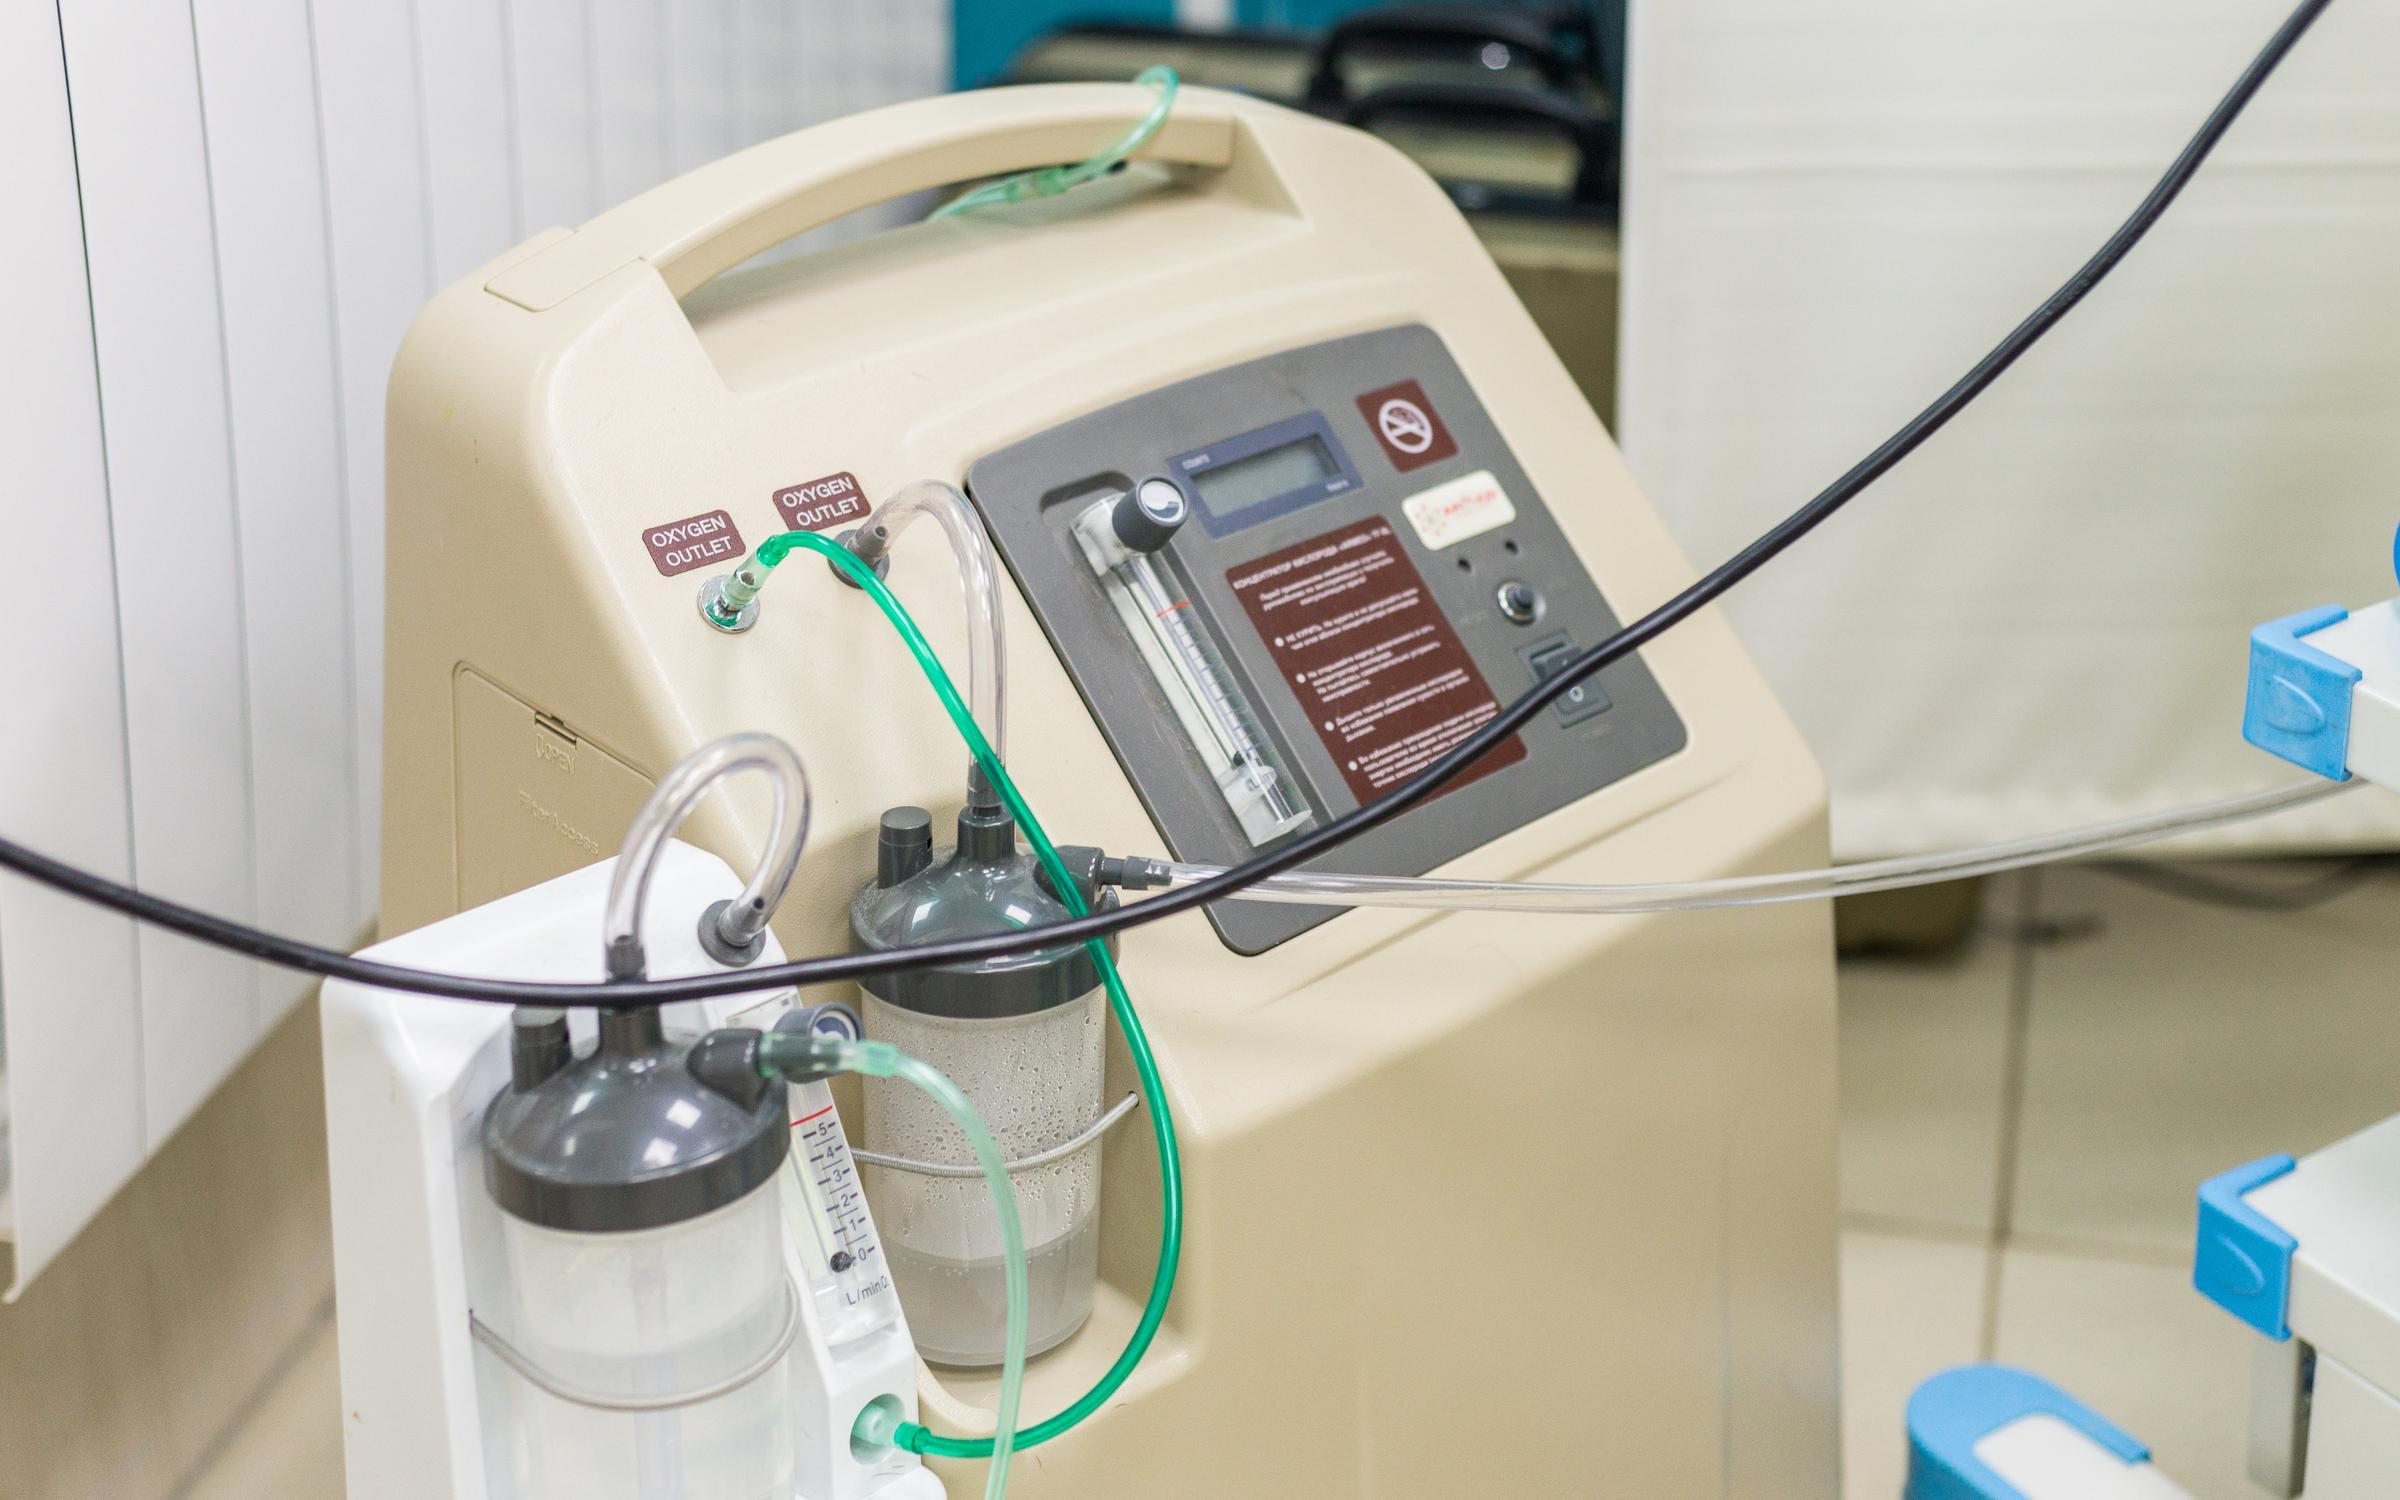 Гастроскопия под наркозом в москве цена сзао Медицинское заключение о состоянии здоровья Речной вокзал